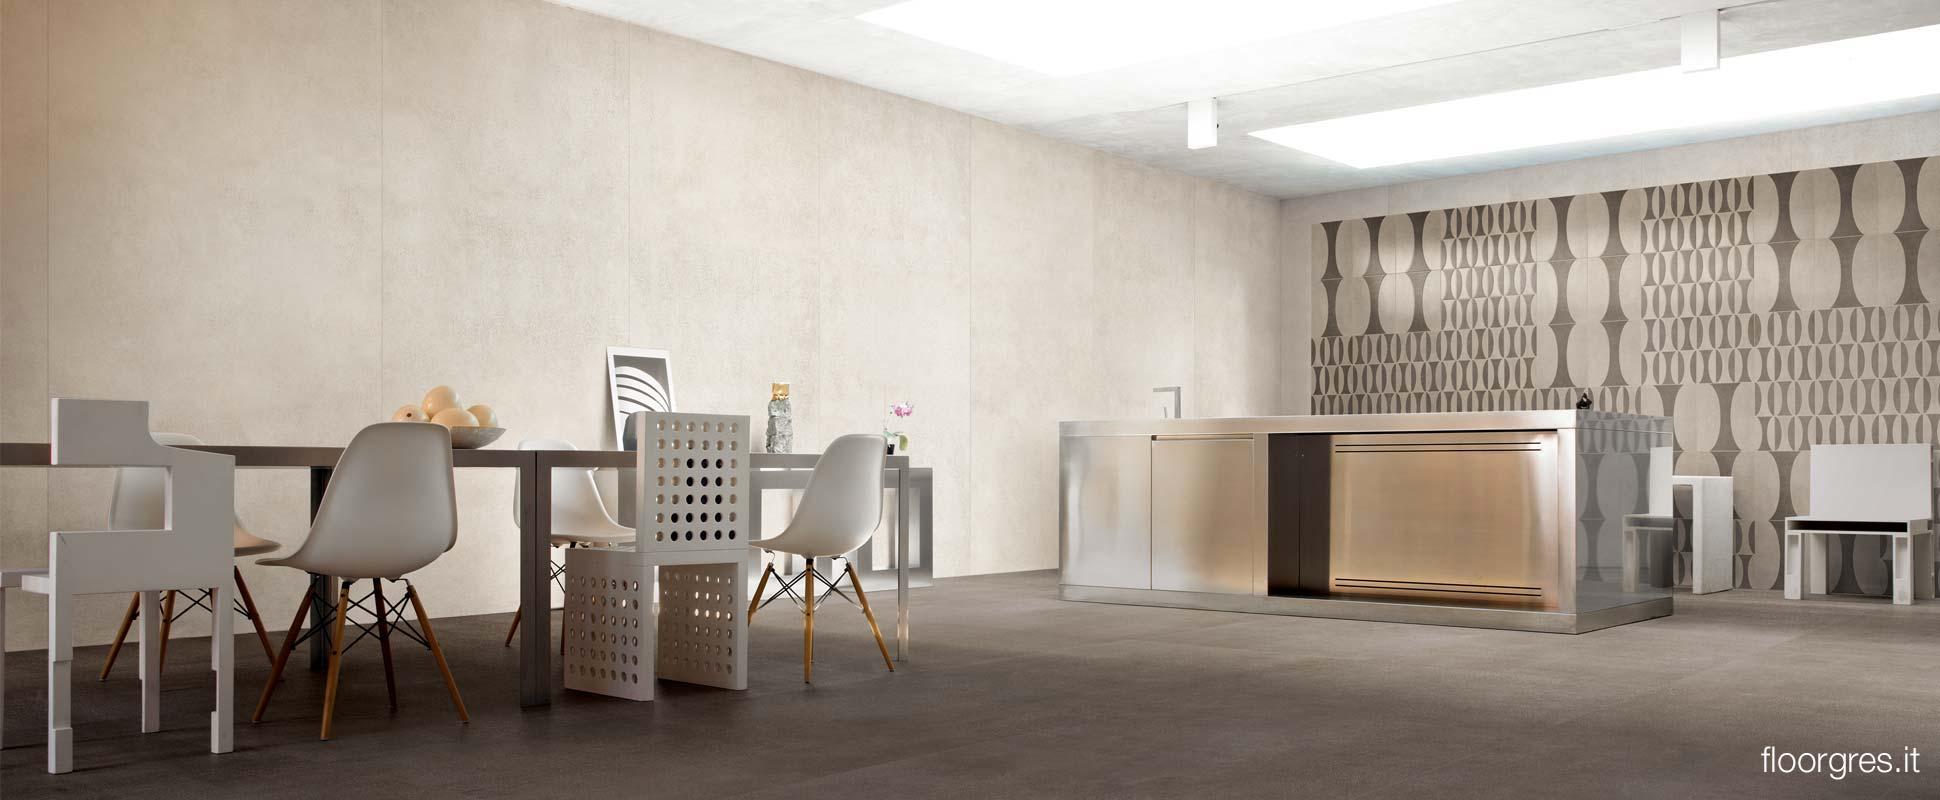 Tono Bagno - Floorgress Industrial cocina